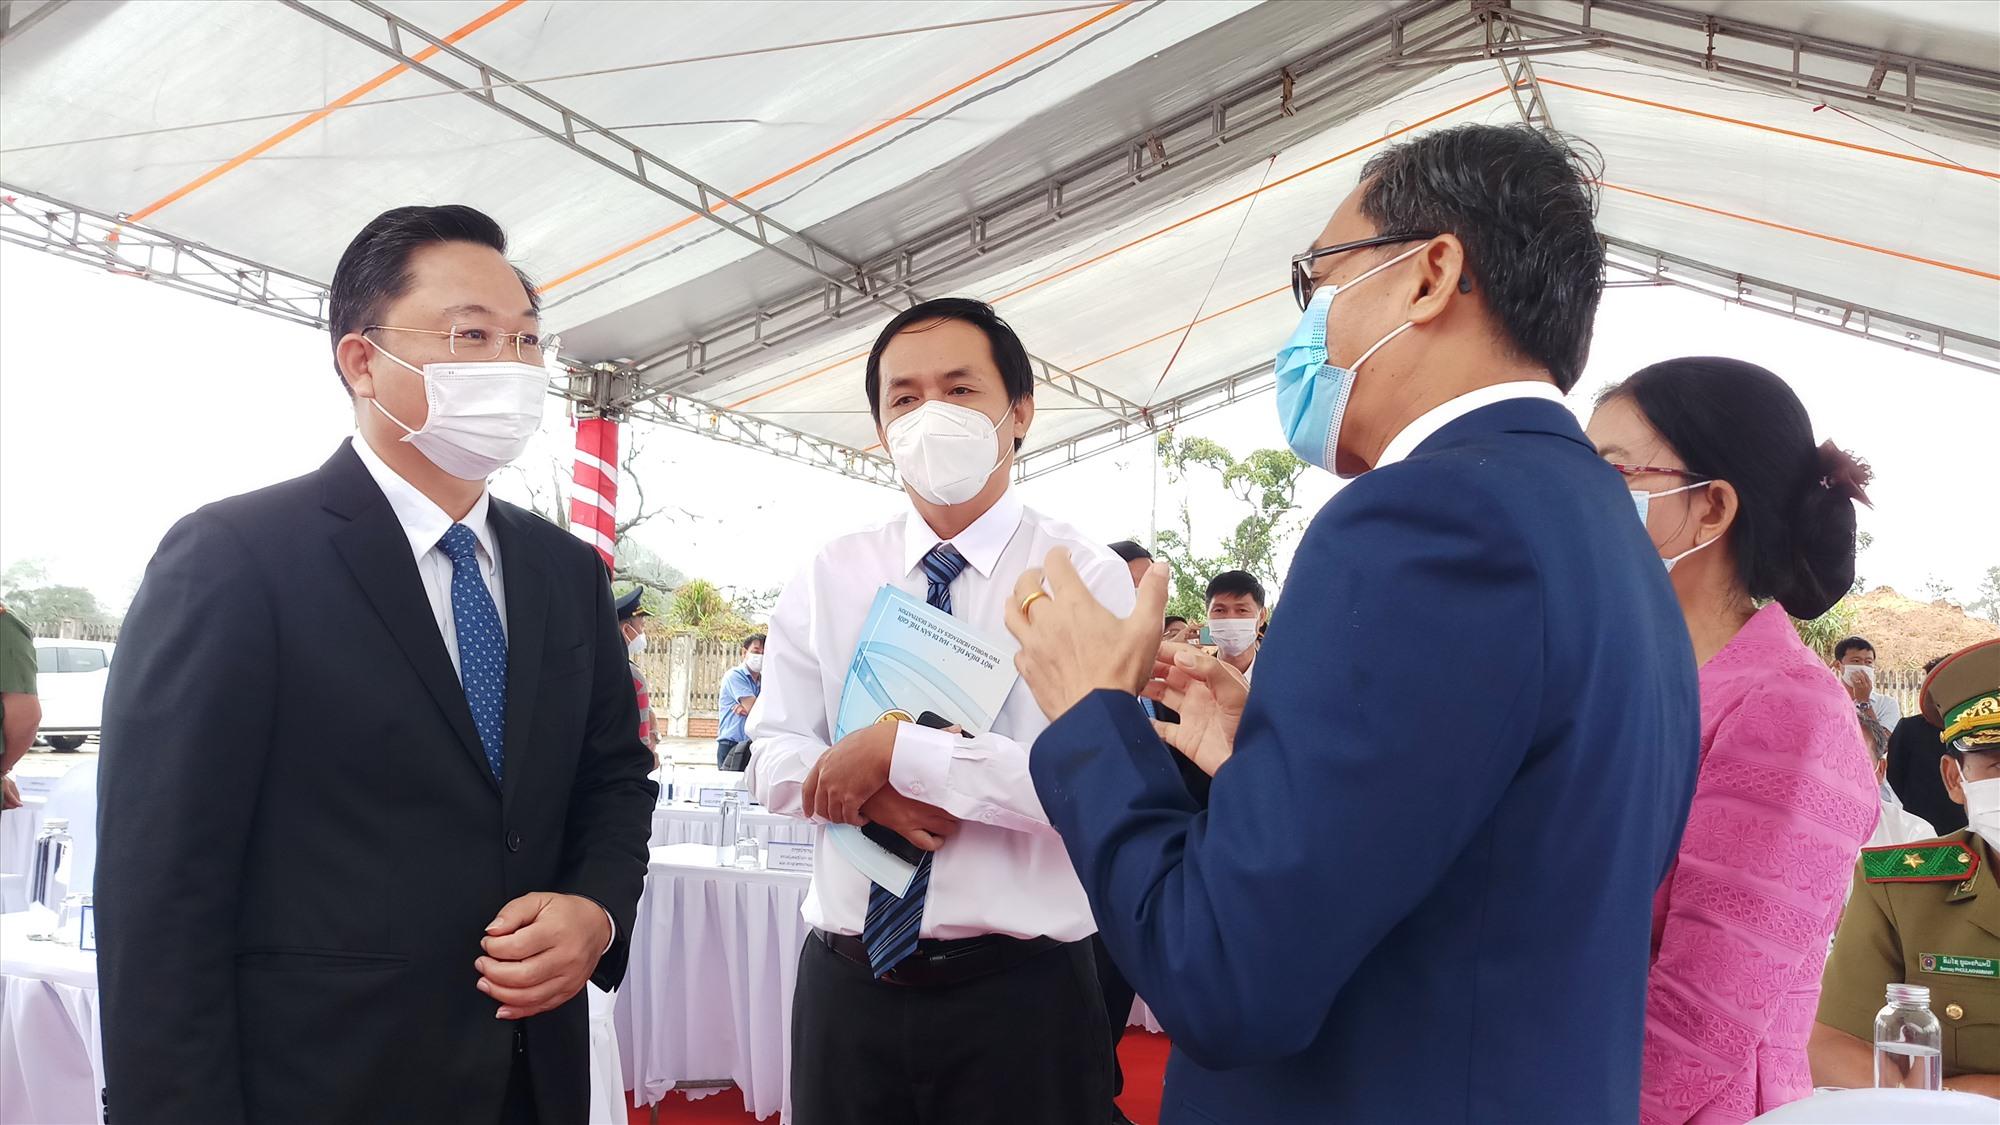 Chủ tịch UBND tỉnh Lê Trí Thanh trao đổi thông tin với lãnh đạo tỉnh Sê Kông bên lề lễ công bố khai trương cặp cửa khâu. Ảnh: A.N